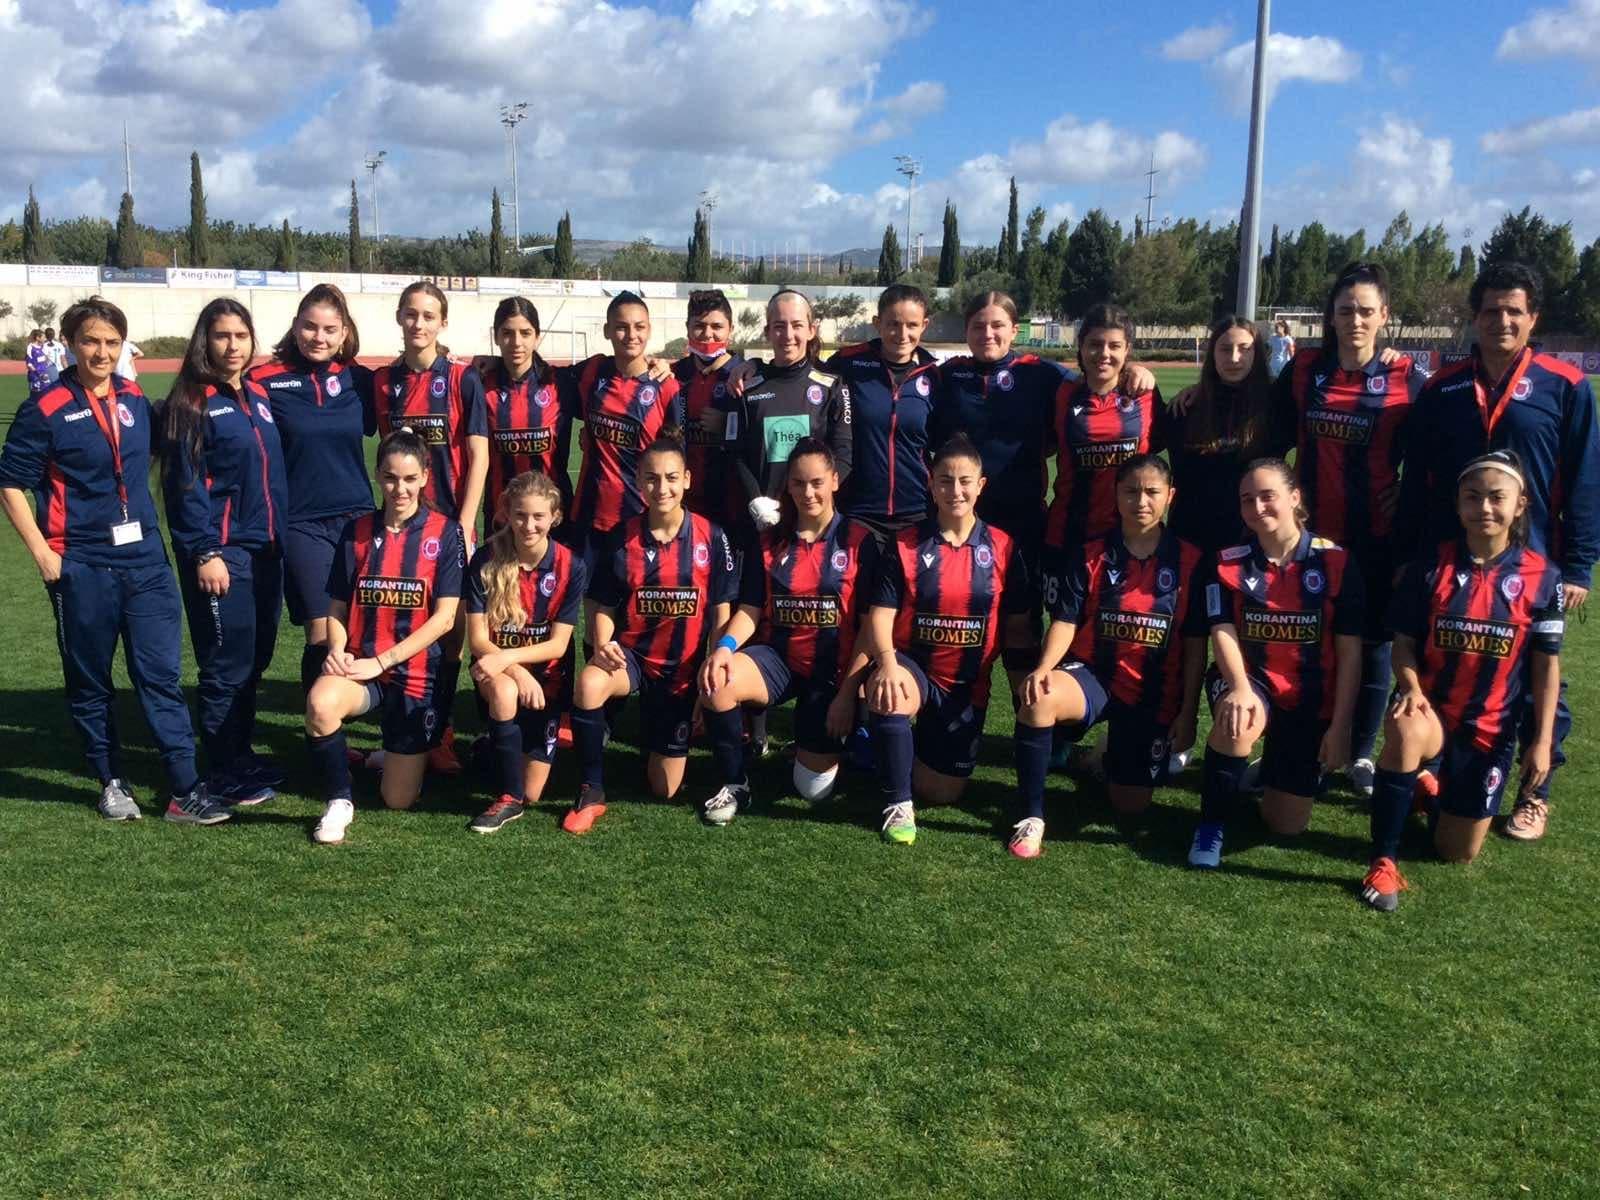 Ήττα και τιμητική 5η θέση για τις Ladies της Γεροσκήπου FC